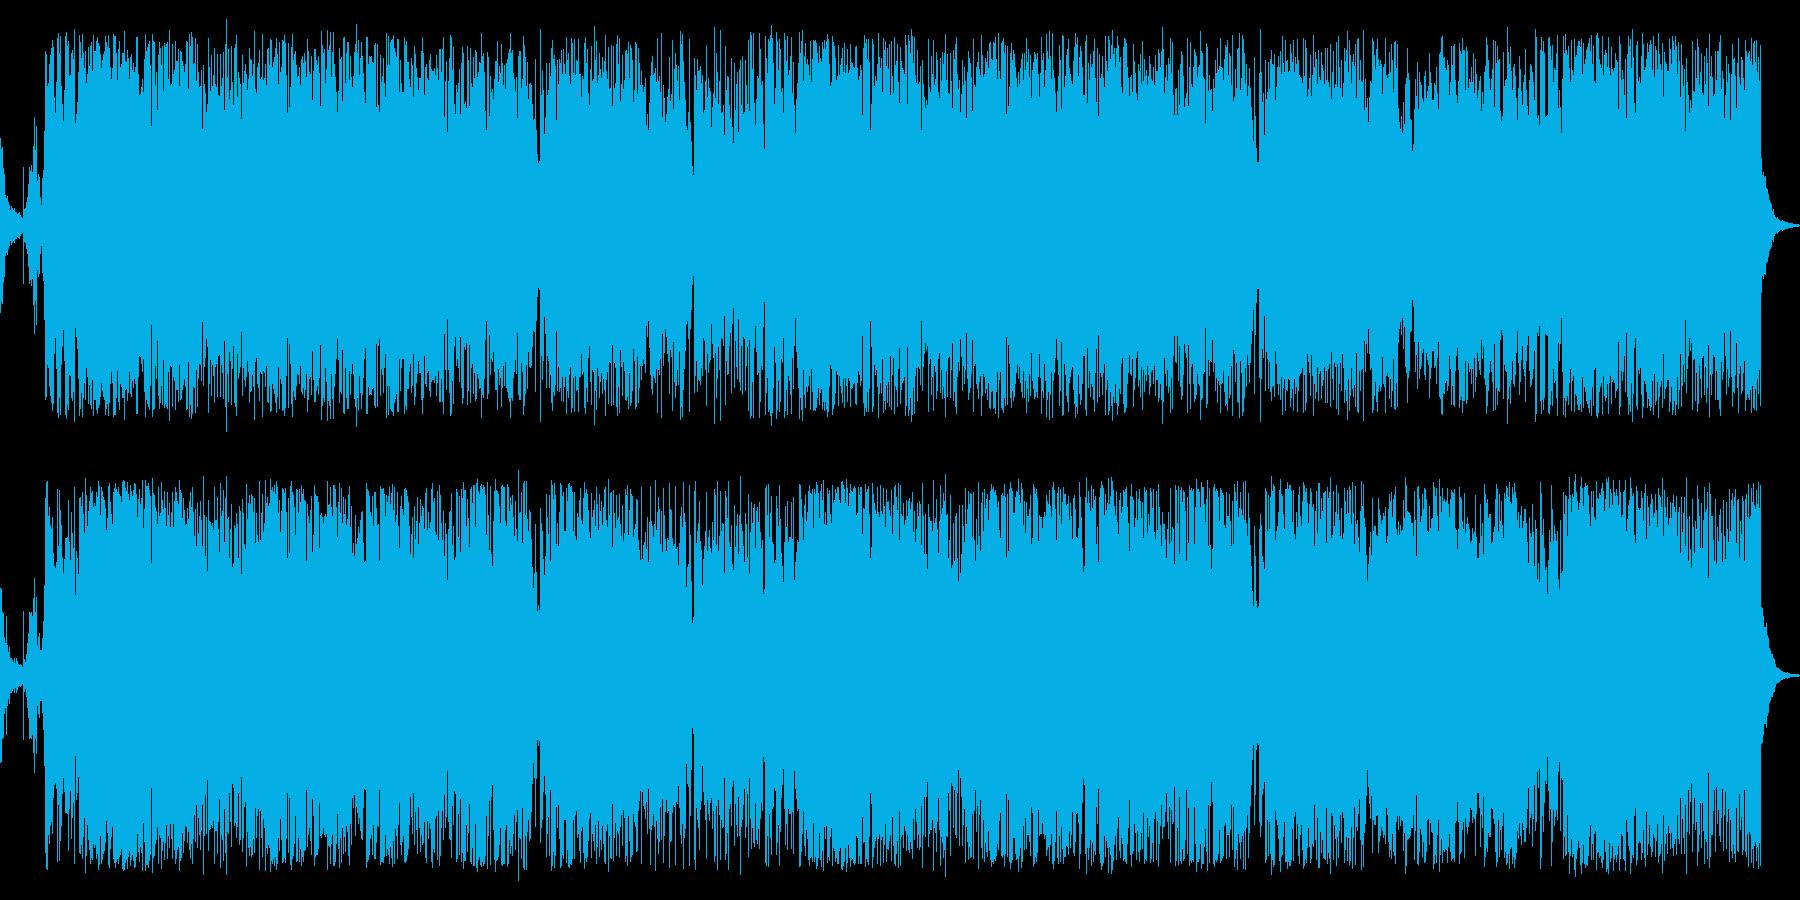 華やかエキサイティングなジャズBGMの再生済みの波形